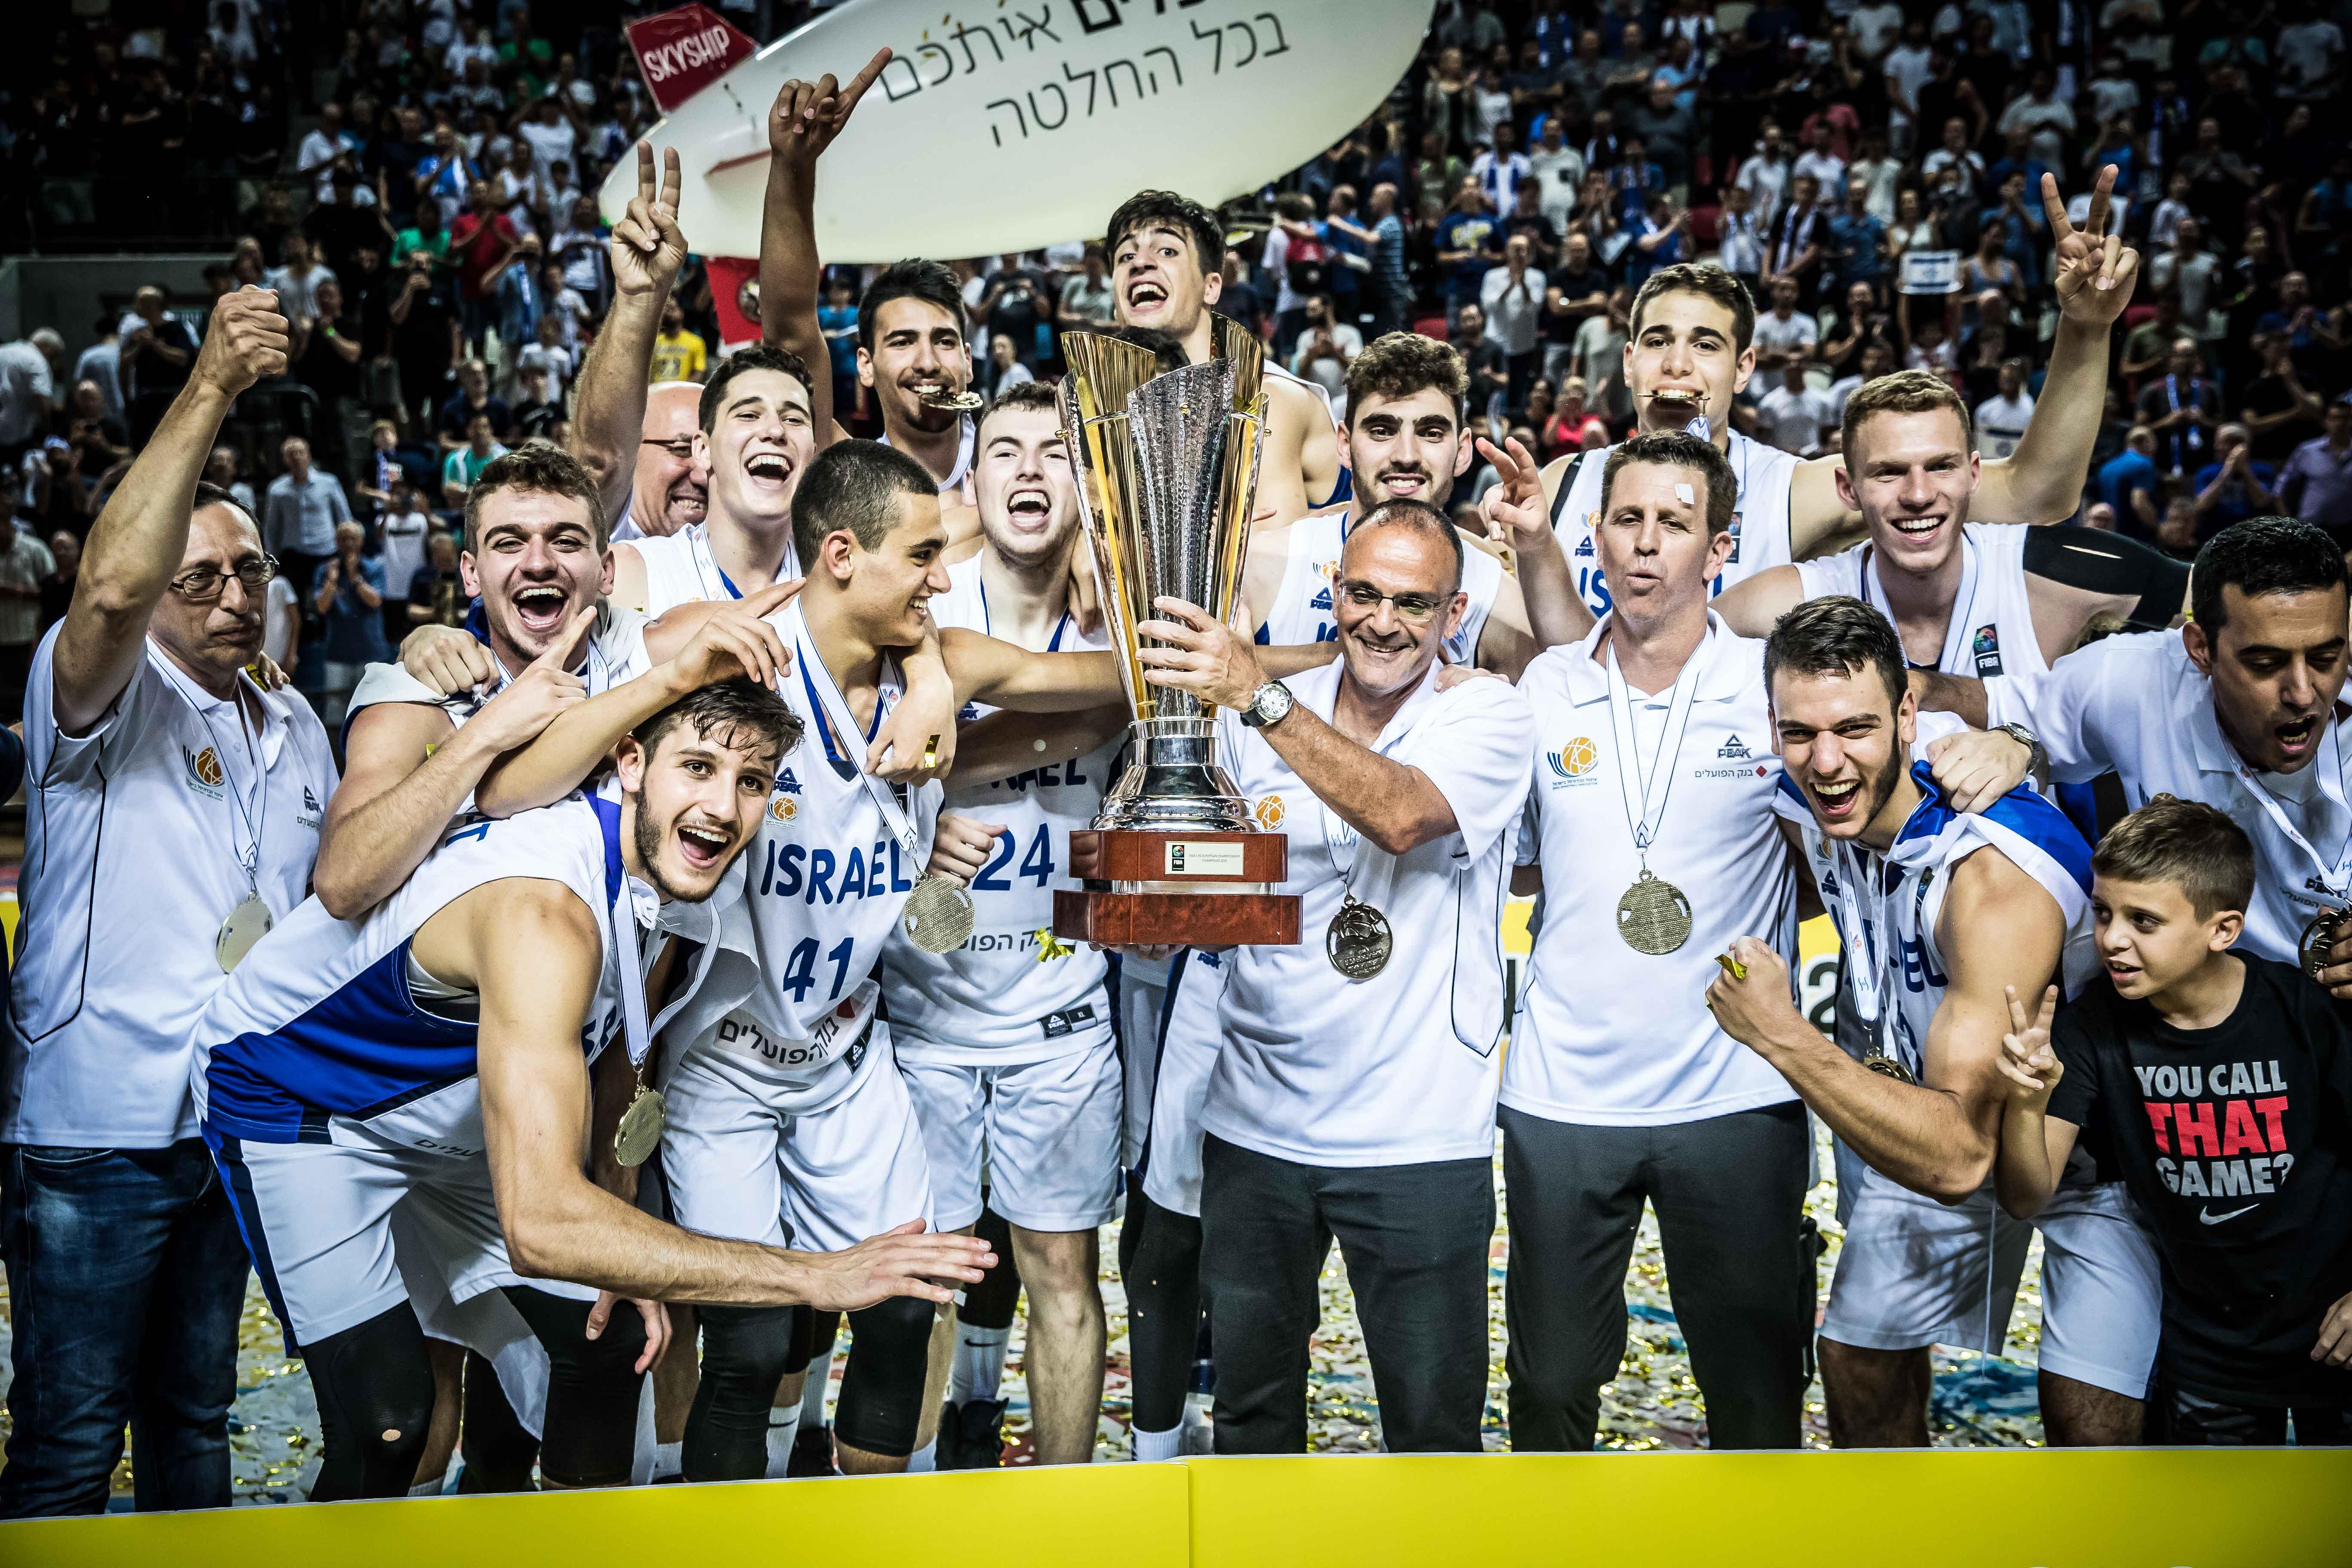 מהפכת השידורים של איגוד הכדורסל בליגה הלאומית וליגת העל לנוער